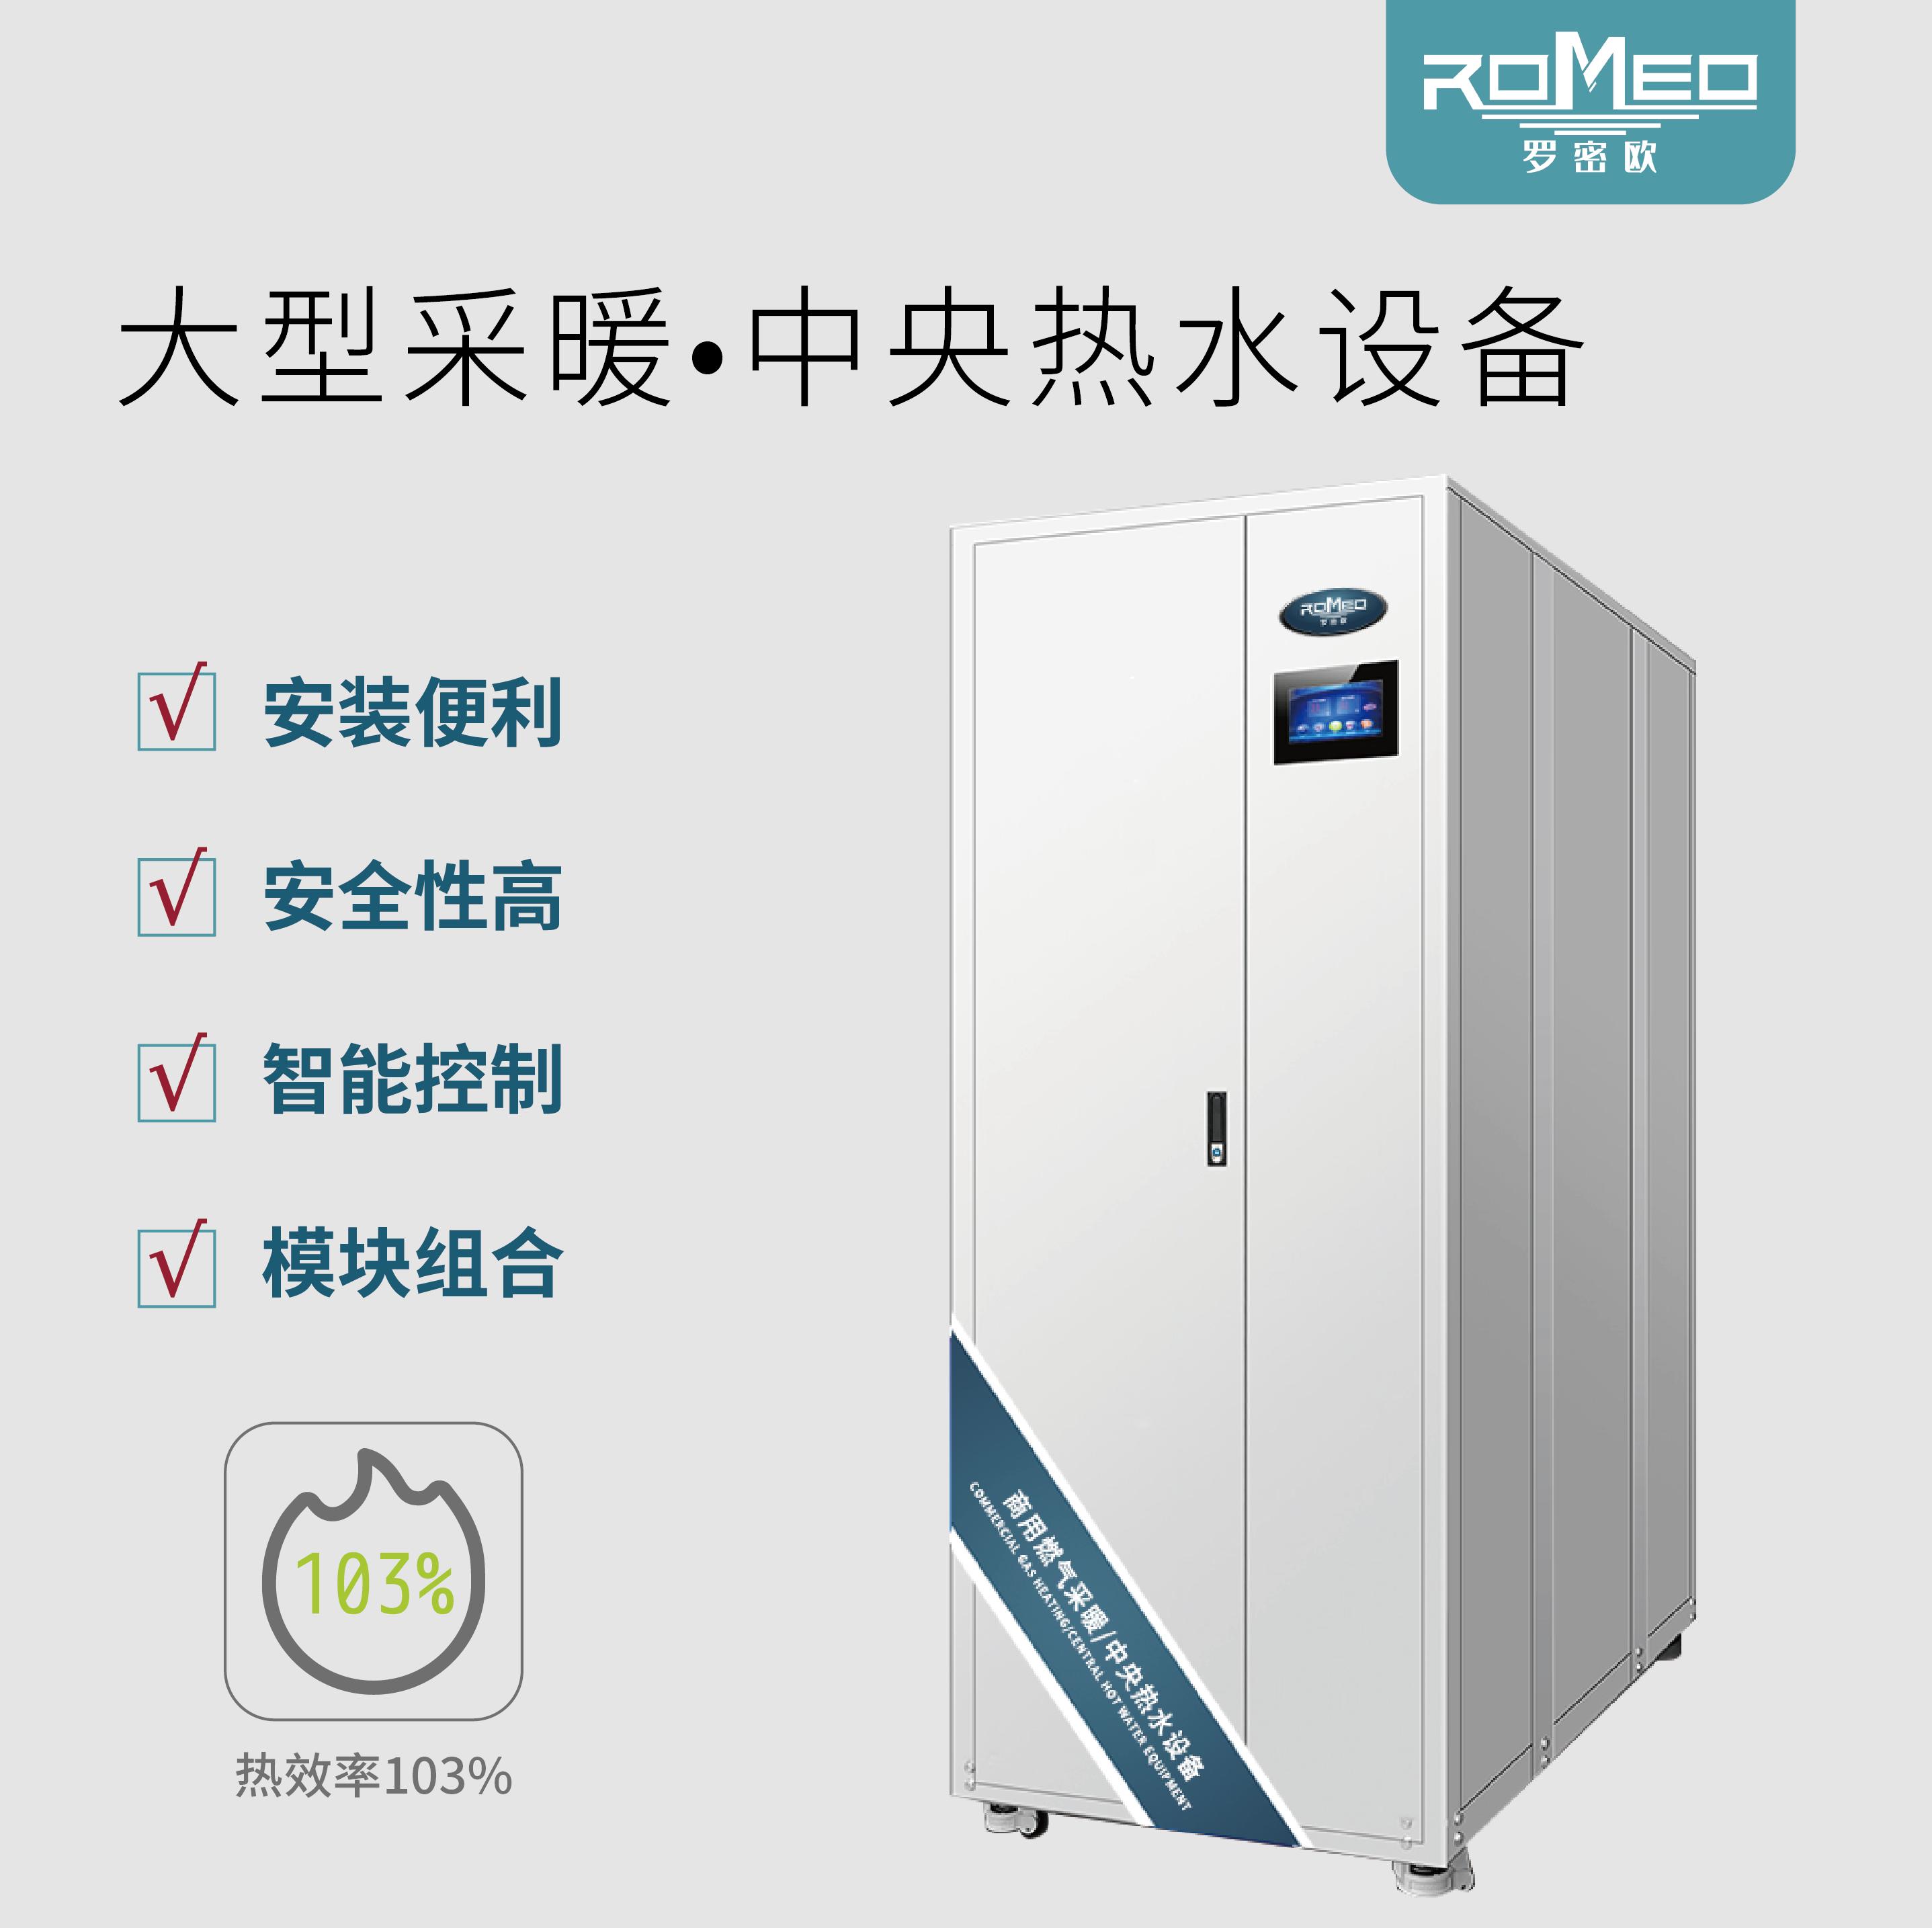 罗密欧商用采暖设备RM-ML300